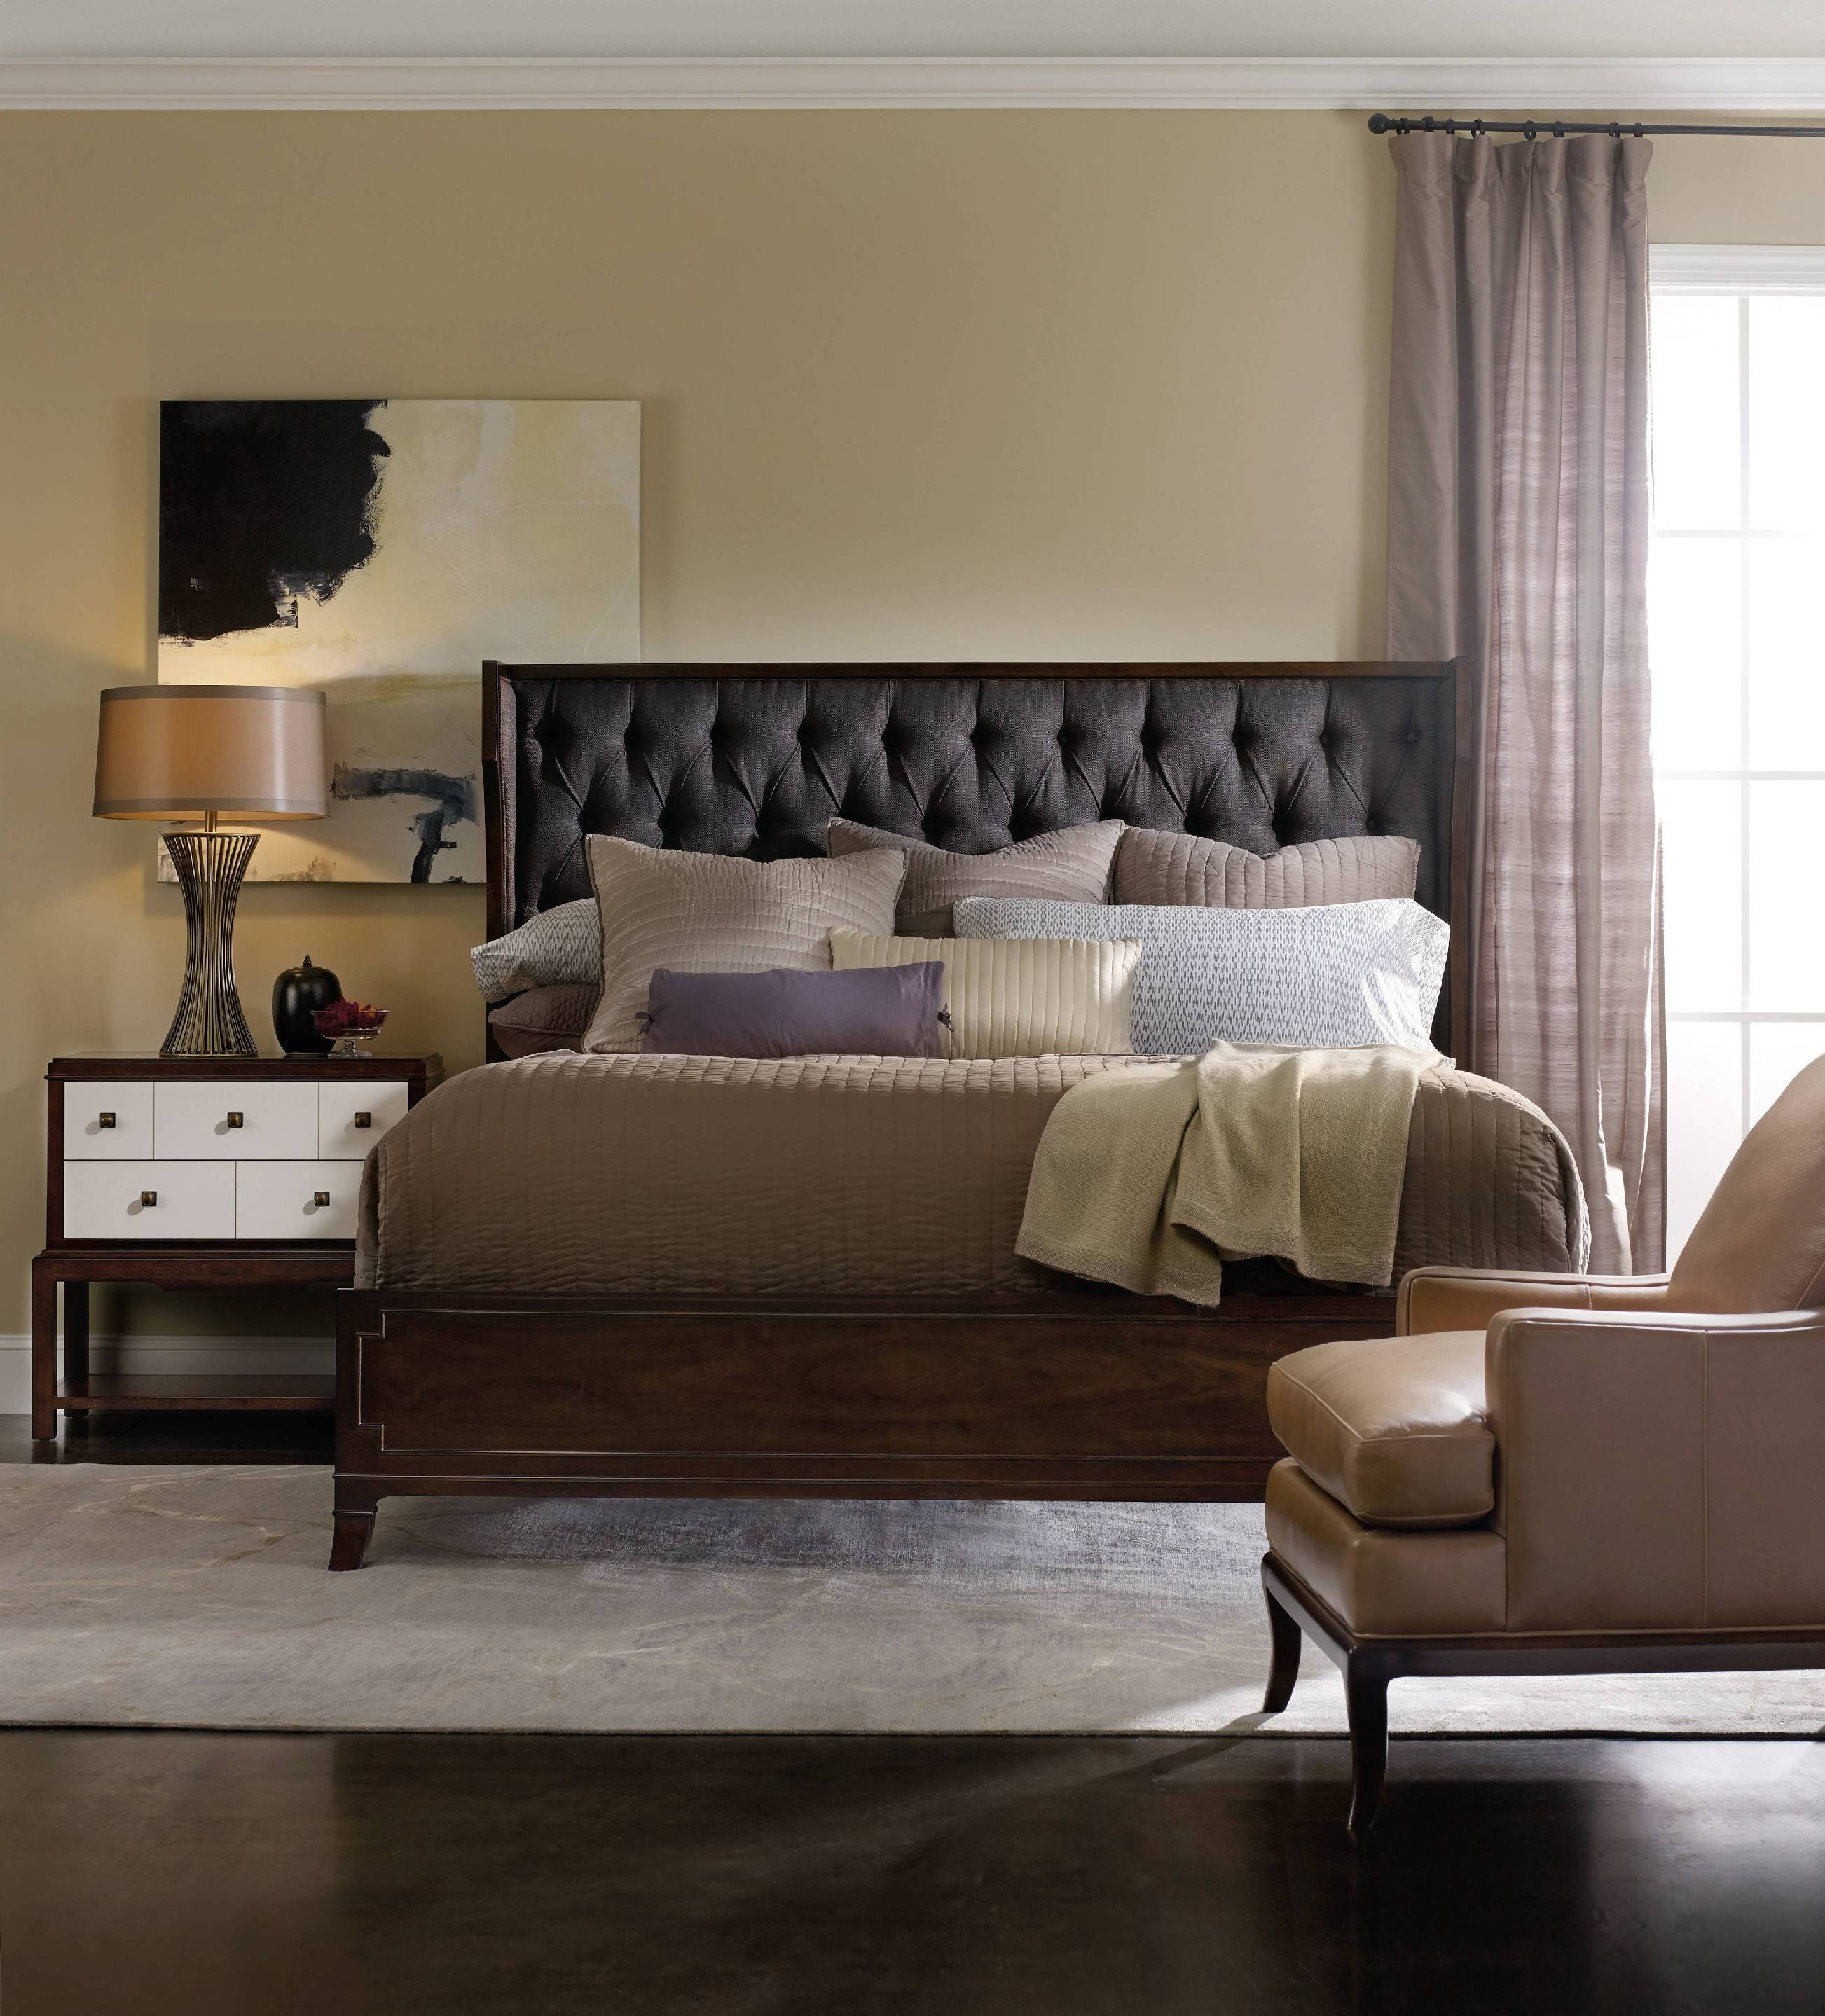 Hooker Furniture Bedroom Palisade Upholstered Shelter King